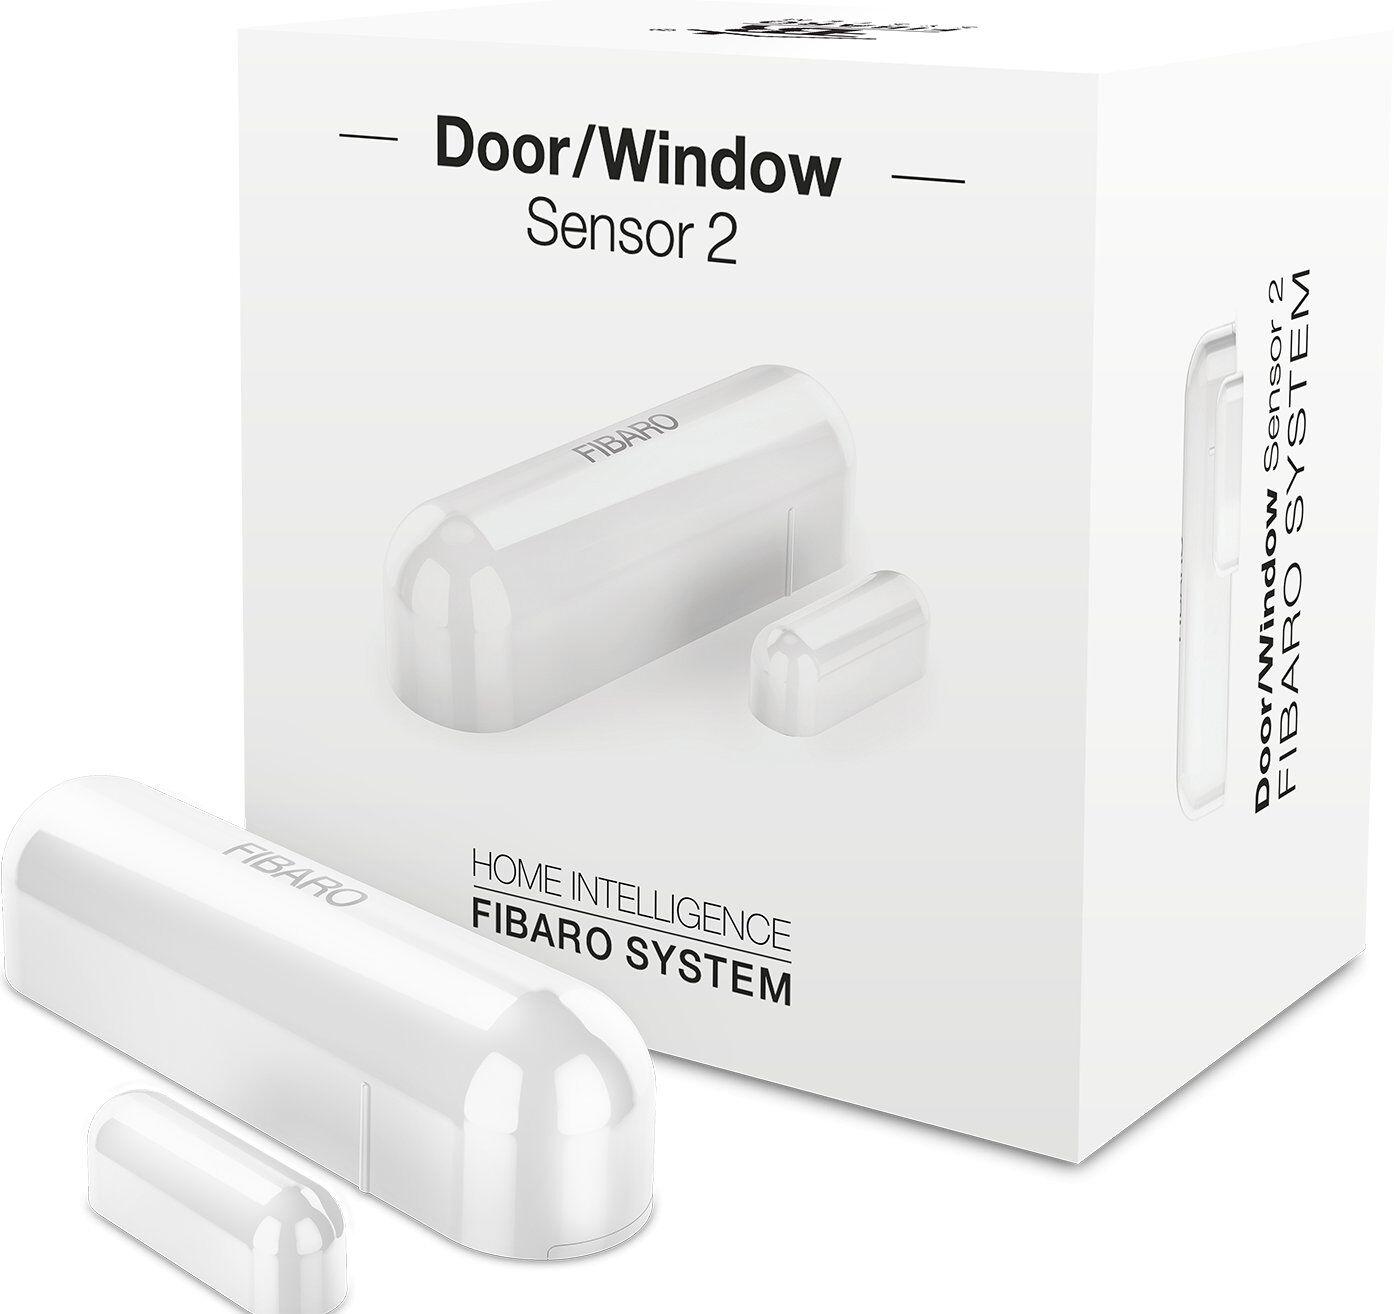 Fibaro Door/ Window Sensor 2